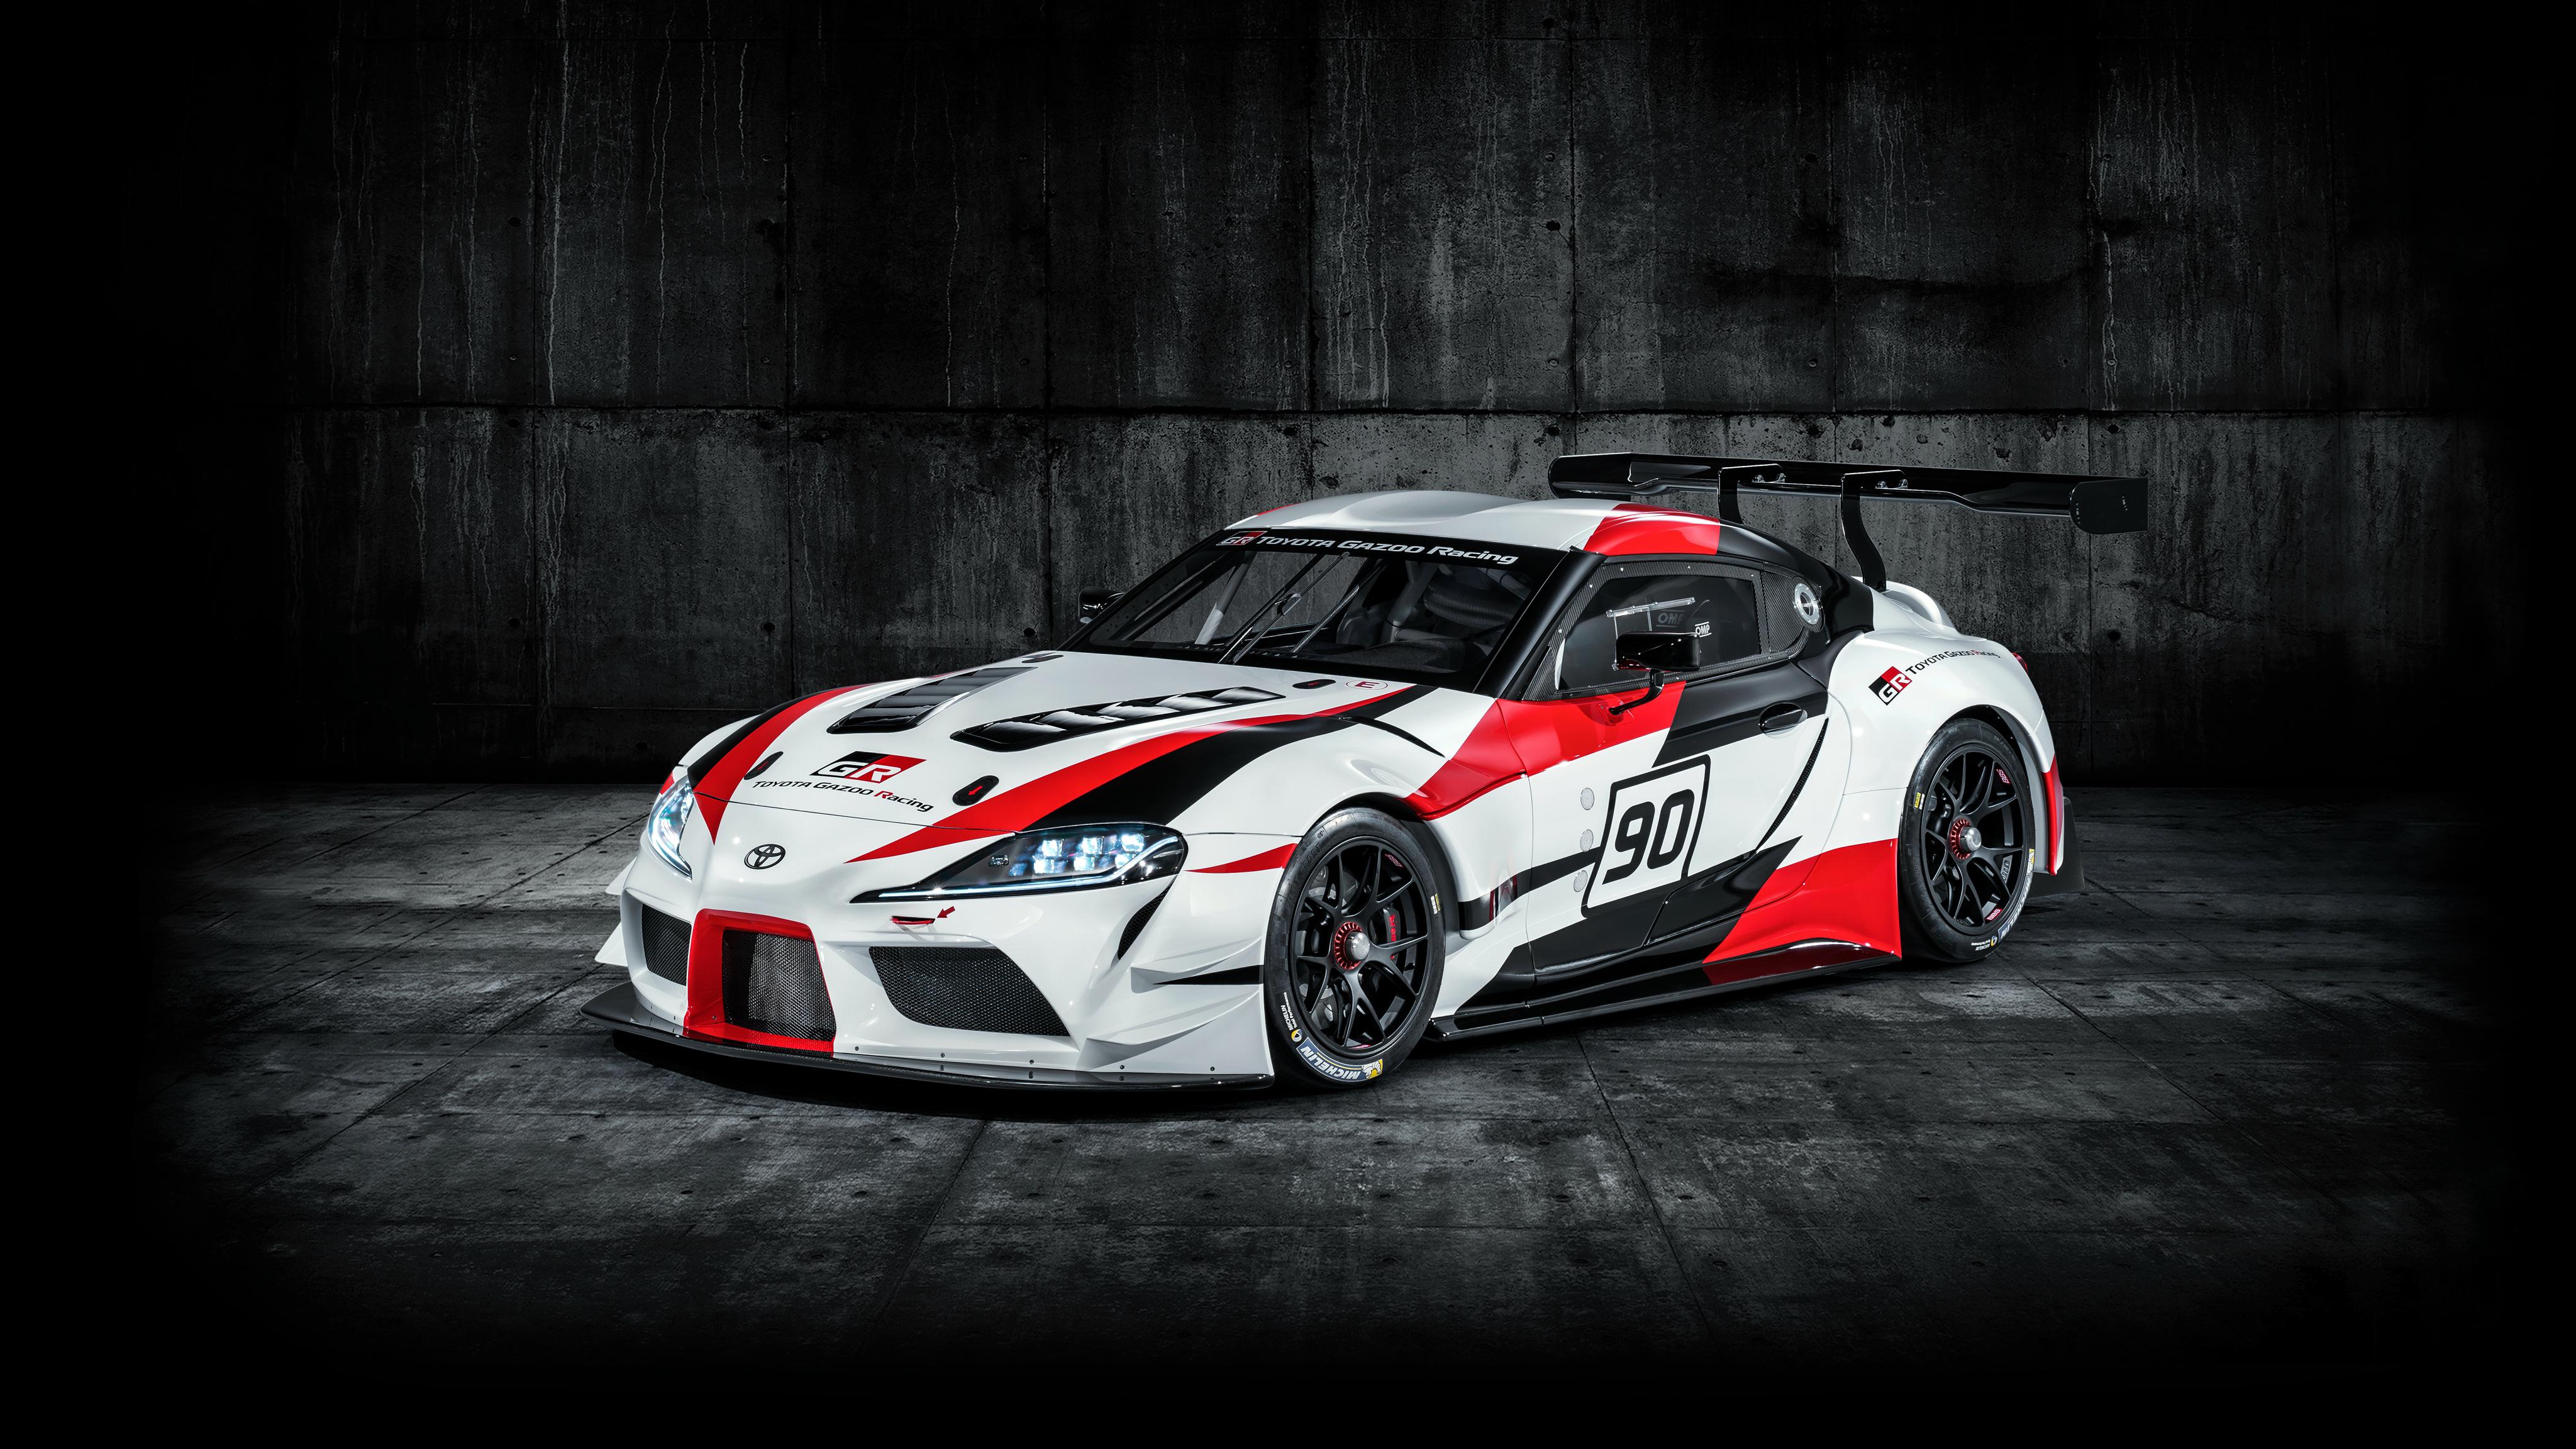 2018 Toyota Gr Supra Racing Concept 4k 3 Wallpaper Hd Car